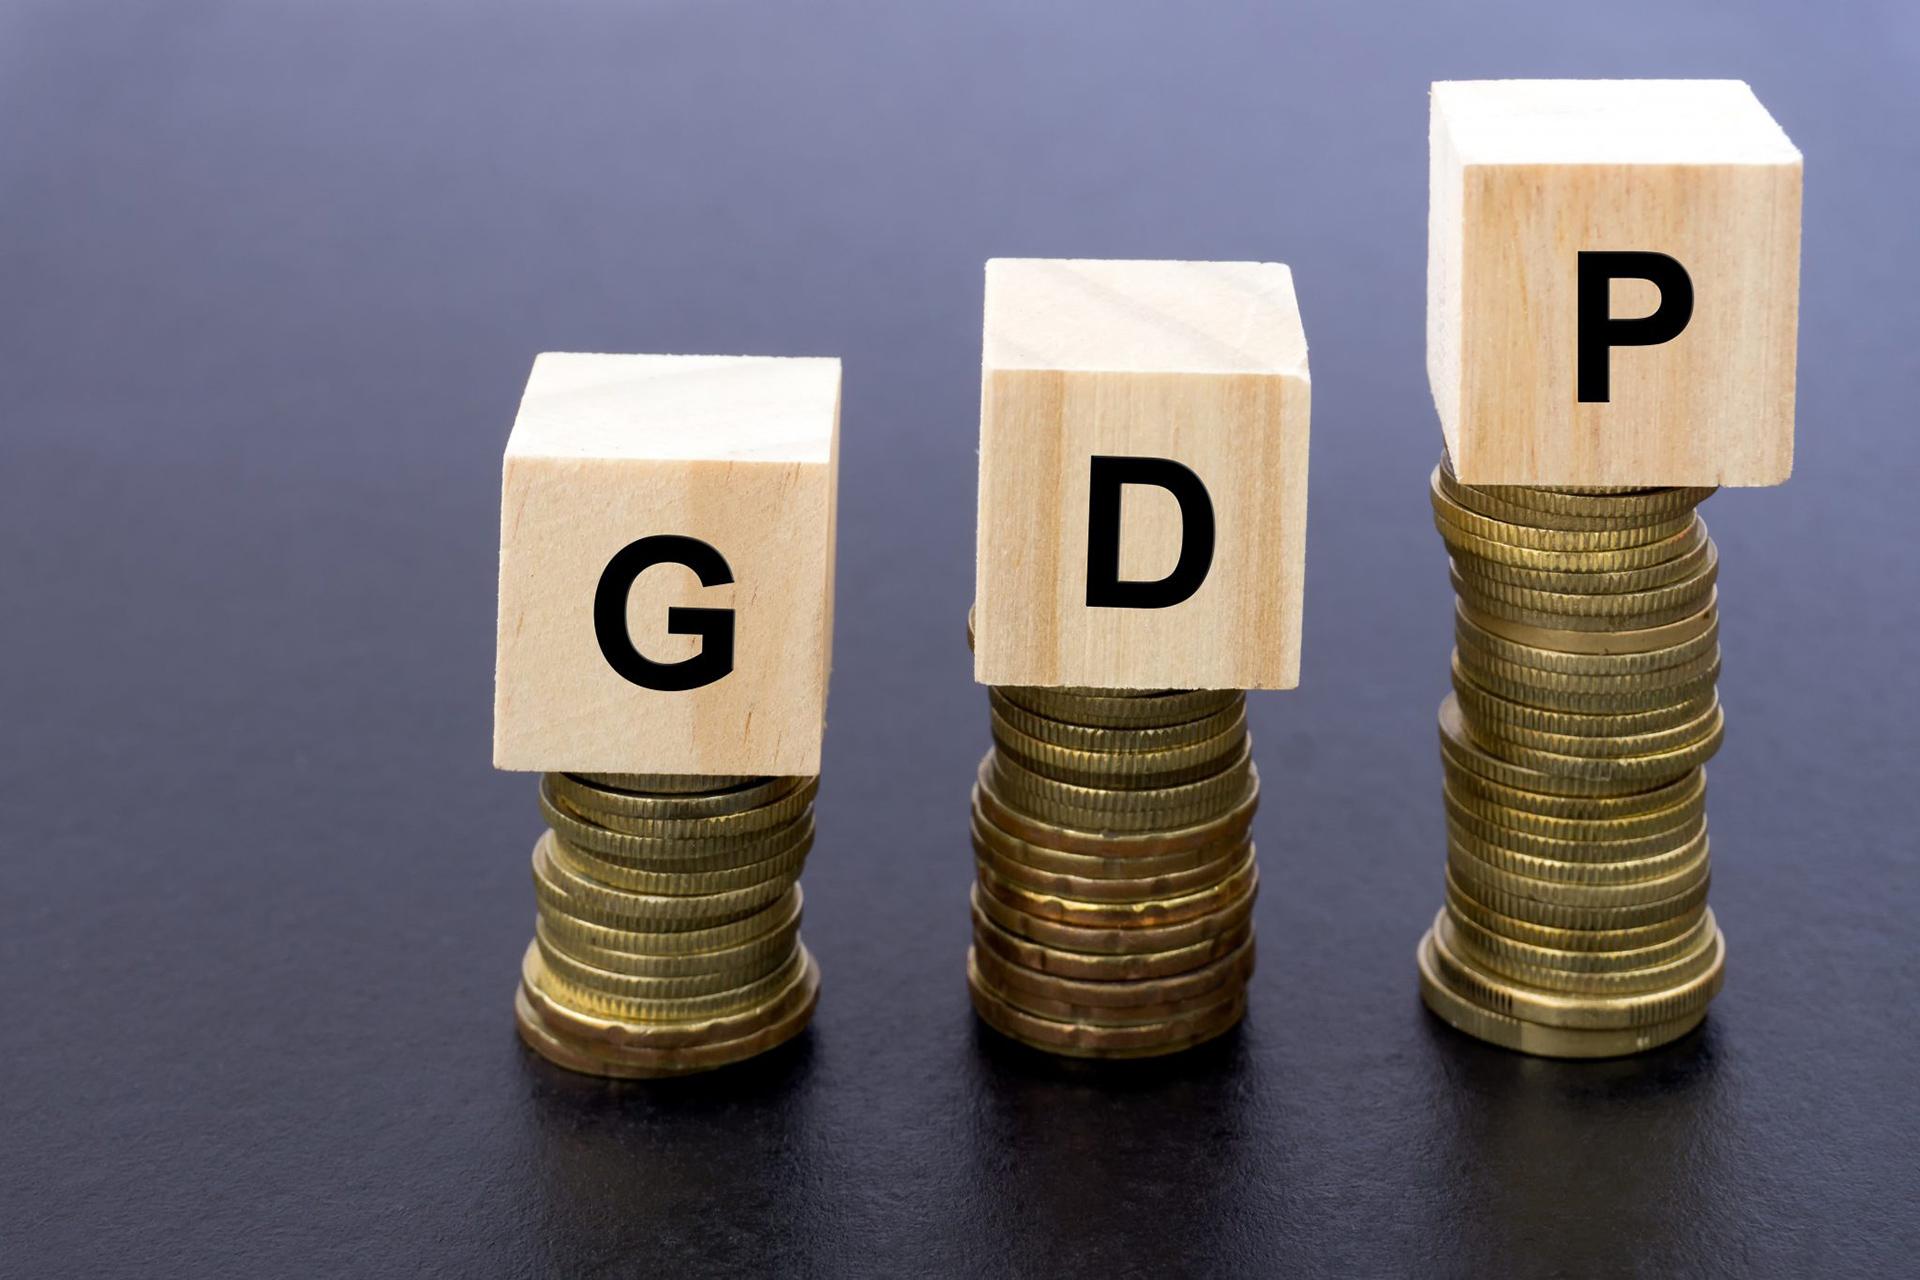 9,94 tỷ USD và những dấu ấn kinh tế khó quên trong năm qua - 12